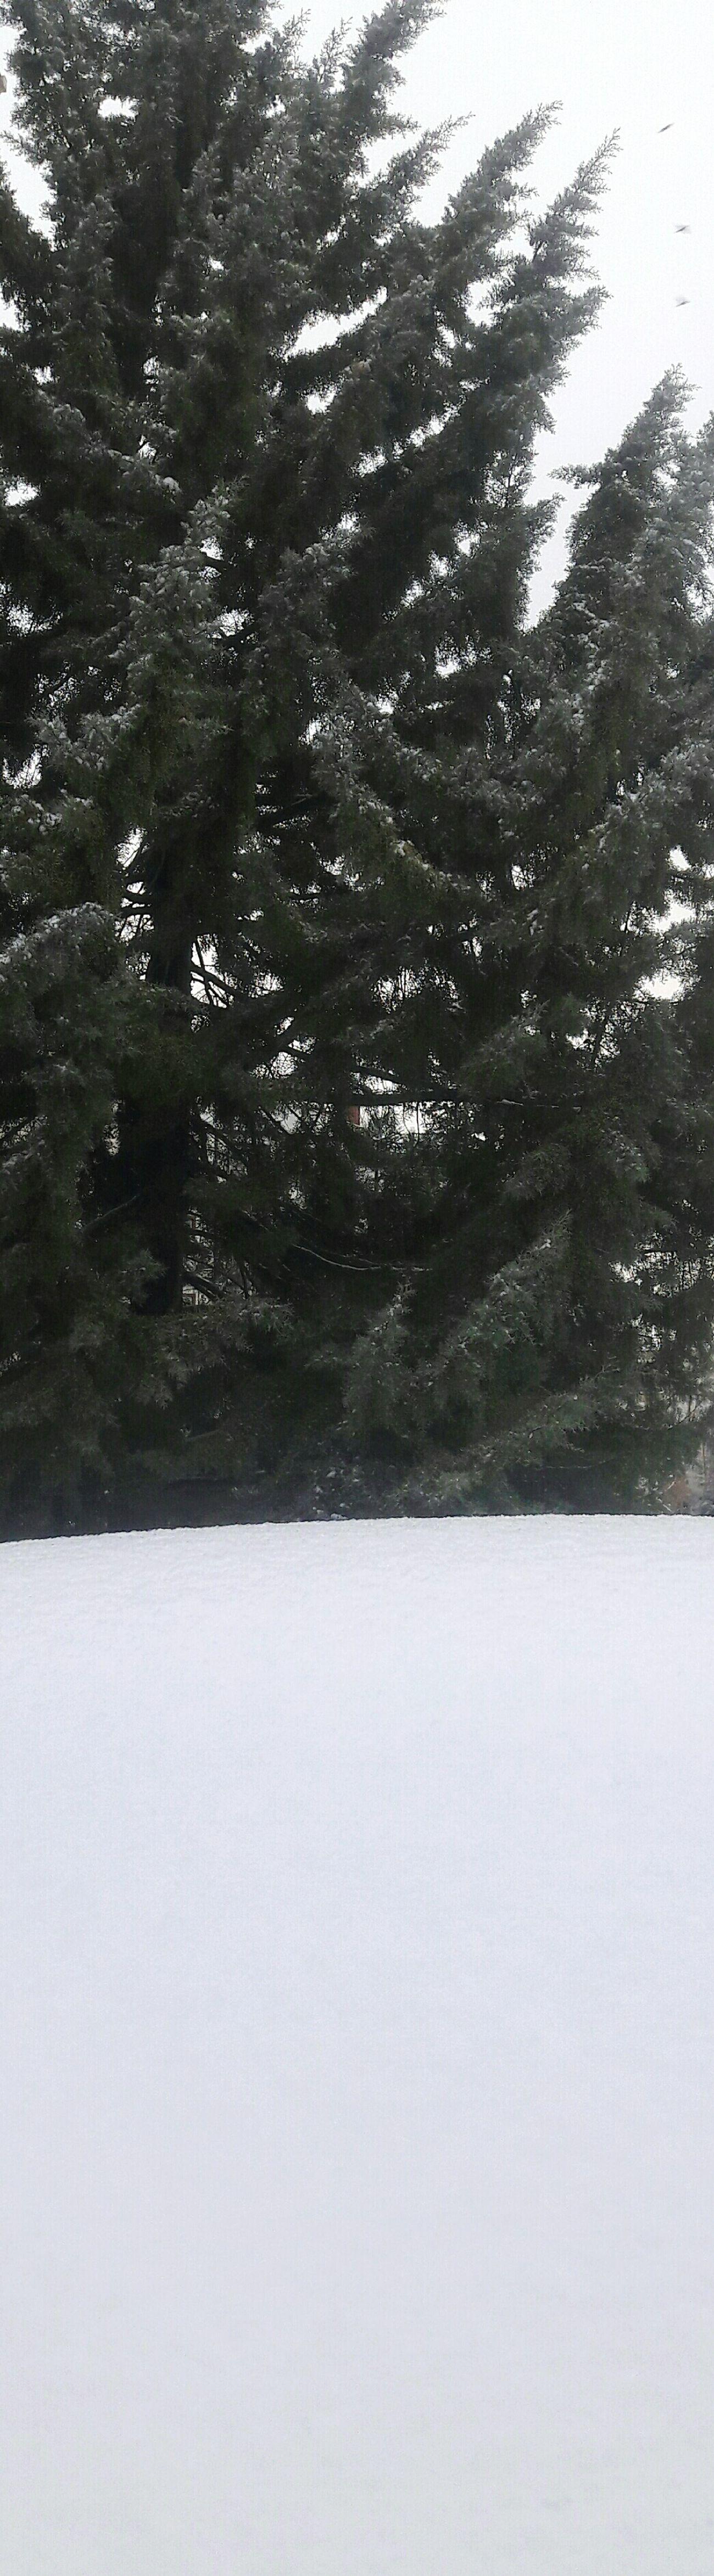 Snow Tree Winter Nature No People Cold Temperature Outdoors Beauty In Nature Day Sokaklar Kar Kum Gibi Siyahbeyaz Gibi Yılın_ilk_karı Wintertime Sokak White Color Karlı Güne Merhaba :)) Kara Basma Iz Olur